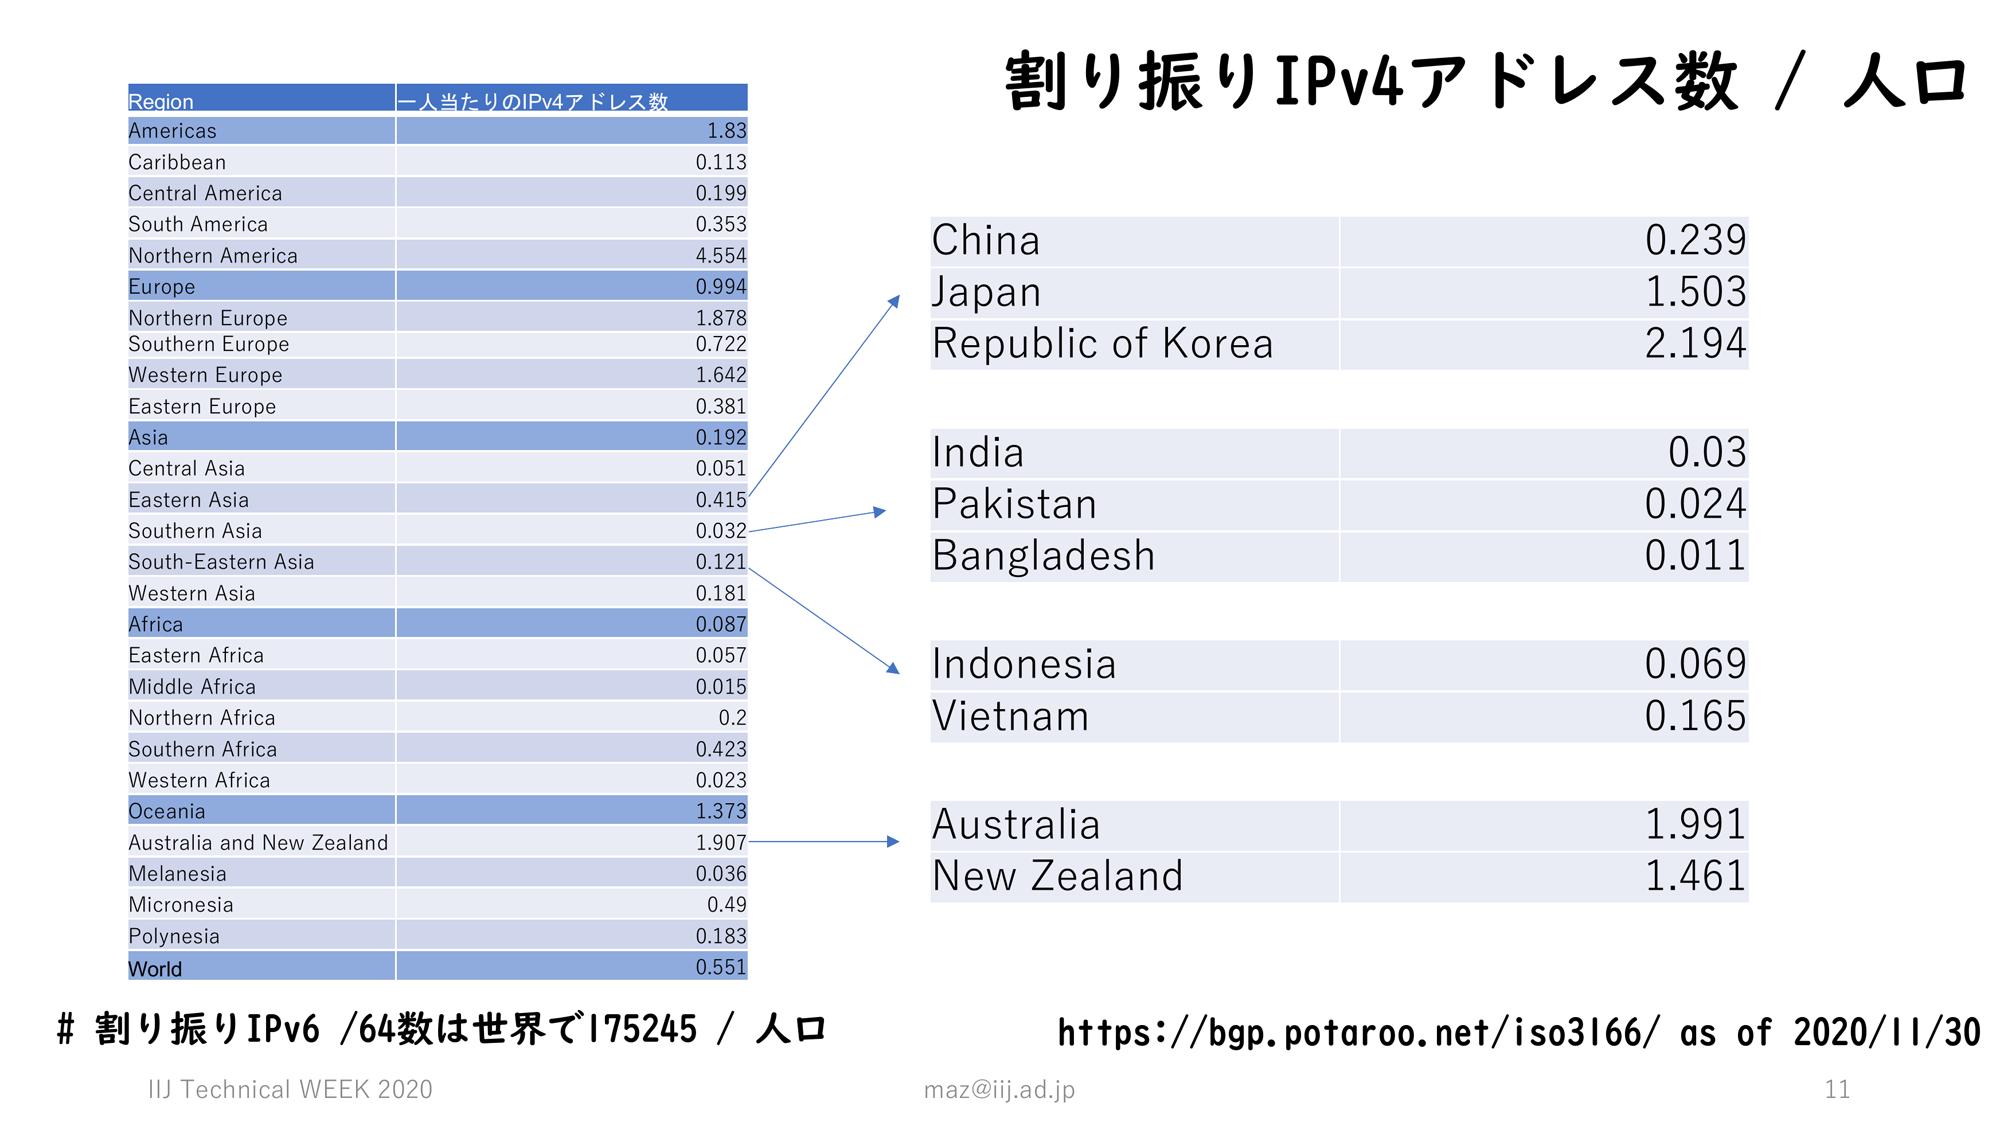 人口あたりの割り当てIPv4アドレス数